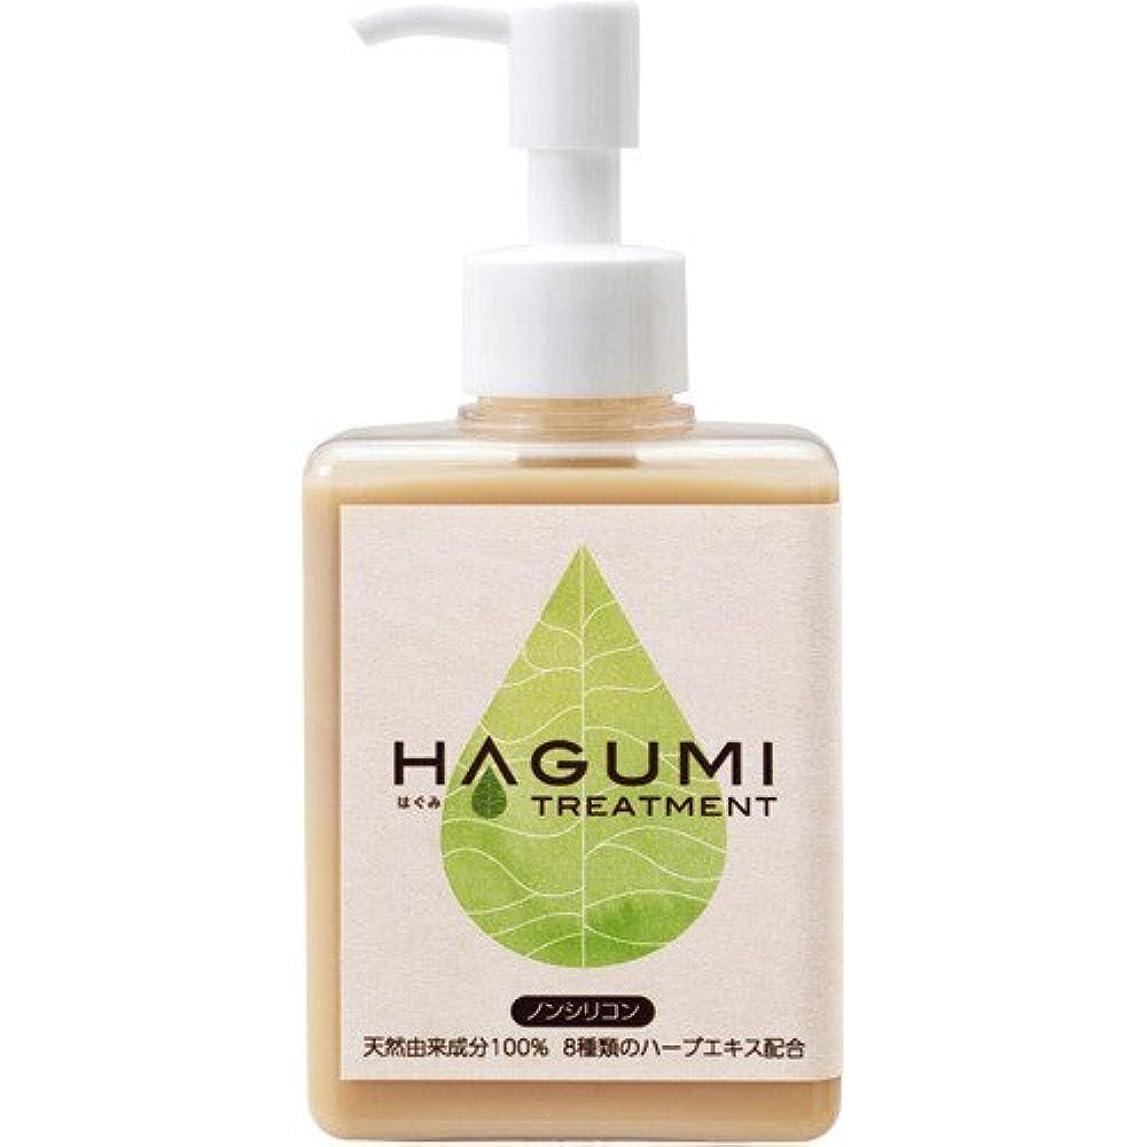 カートリッジ容器お酒HAGUMI(ハグミ) トリートメント 200ml